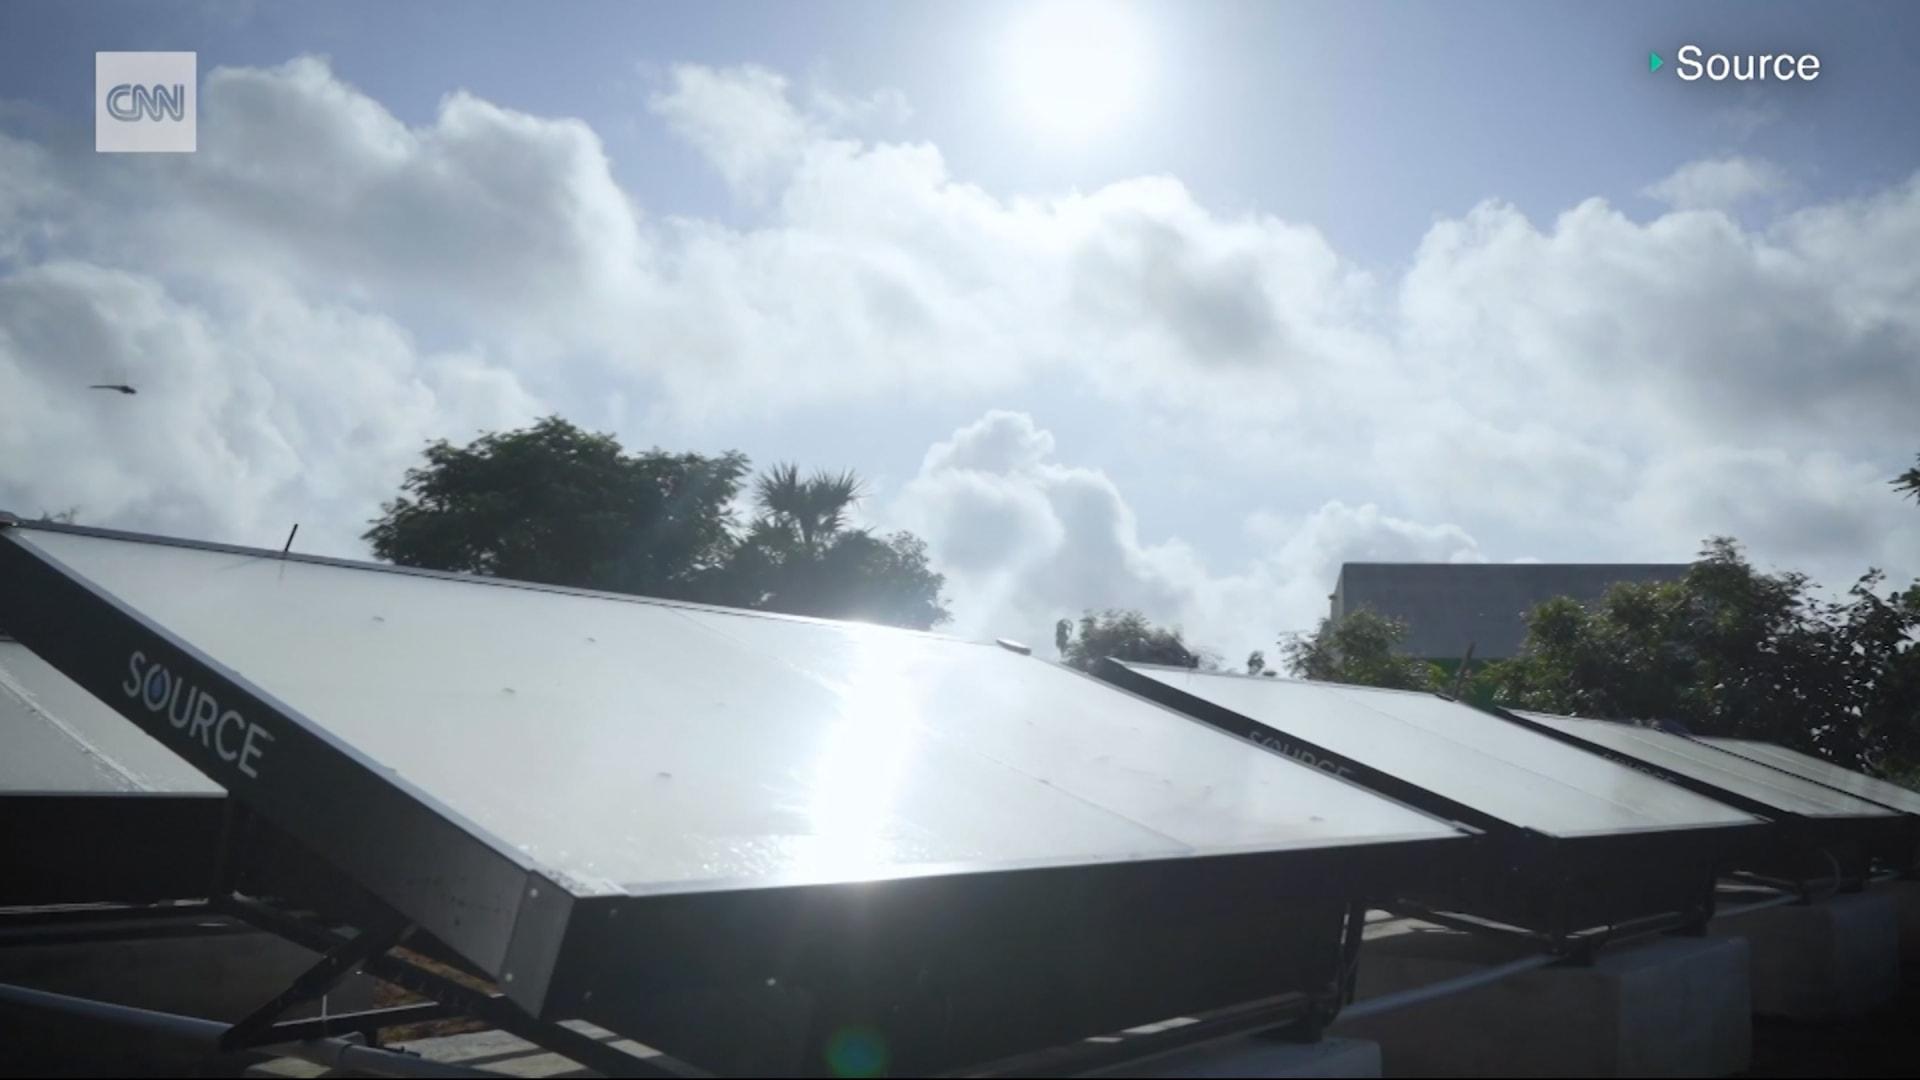 شركة تستخدم طاقة الشمس لتحويل هواء دبي الى مياه الشرب.. كيف تفعل ذلك؟